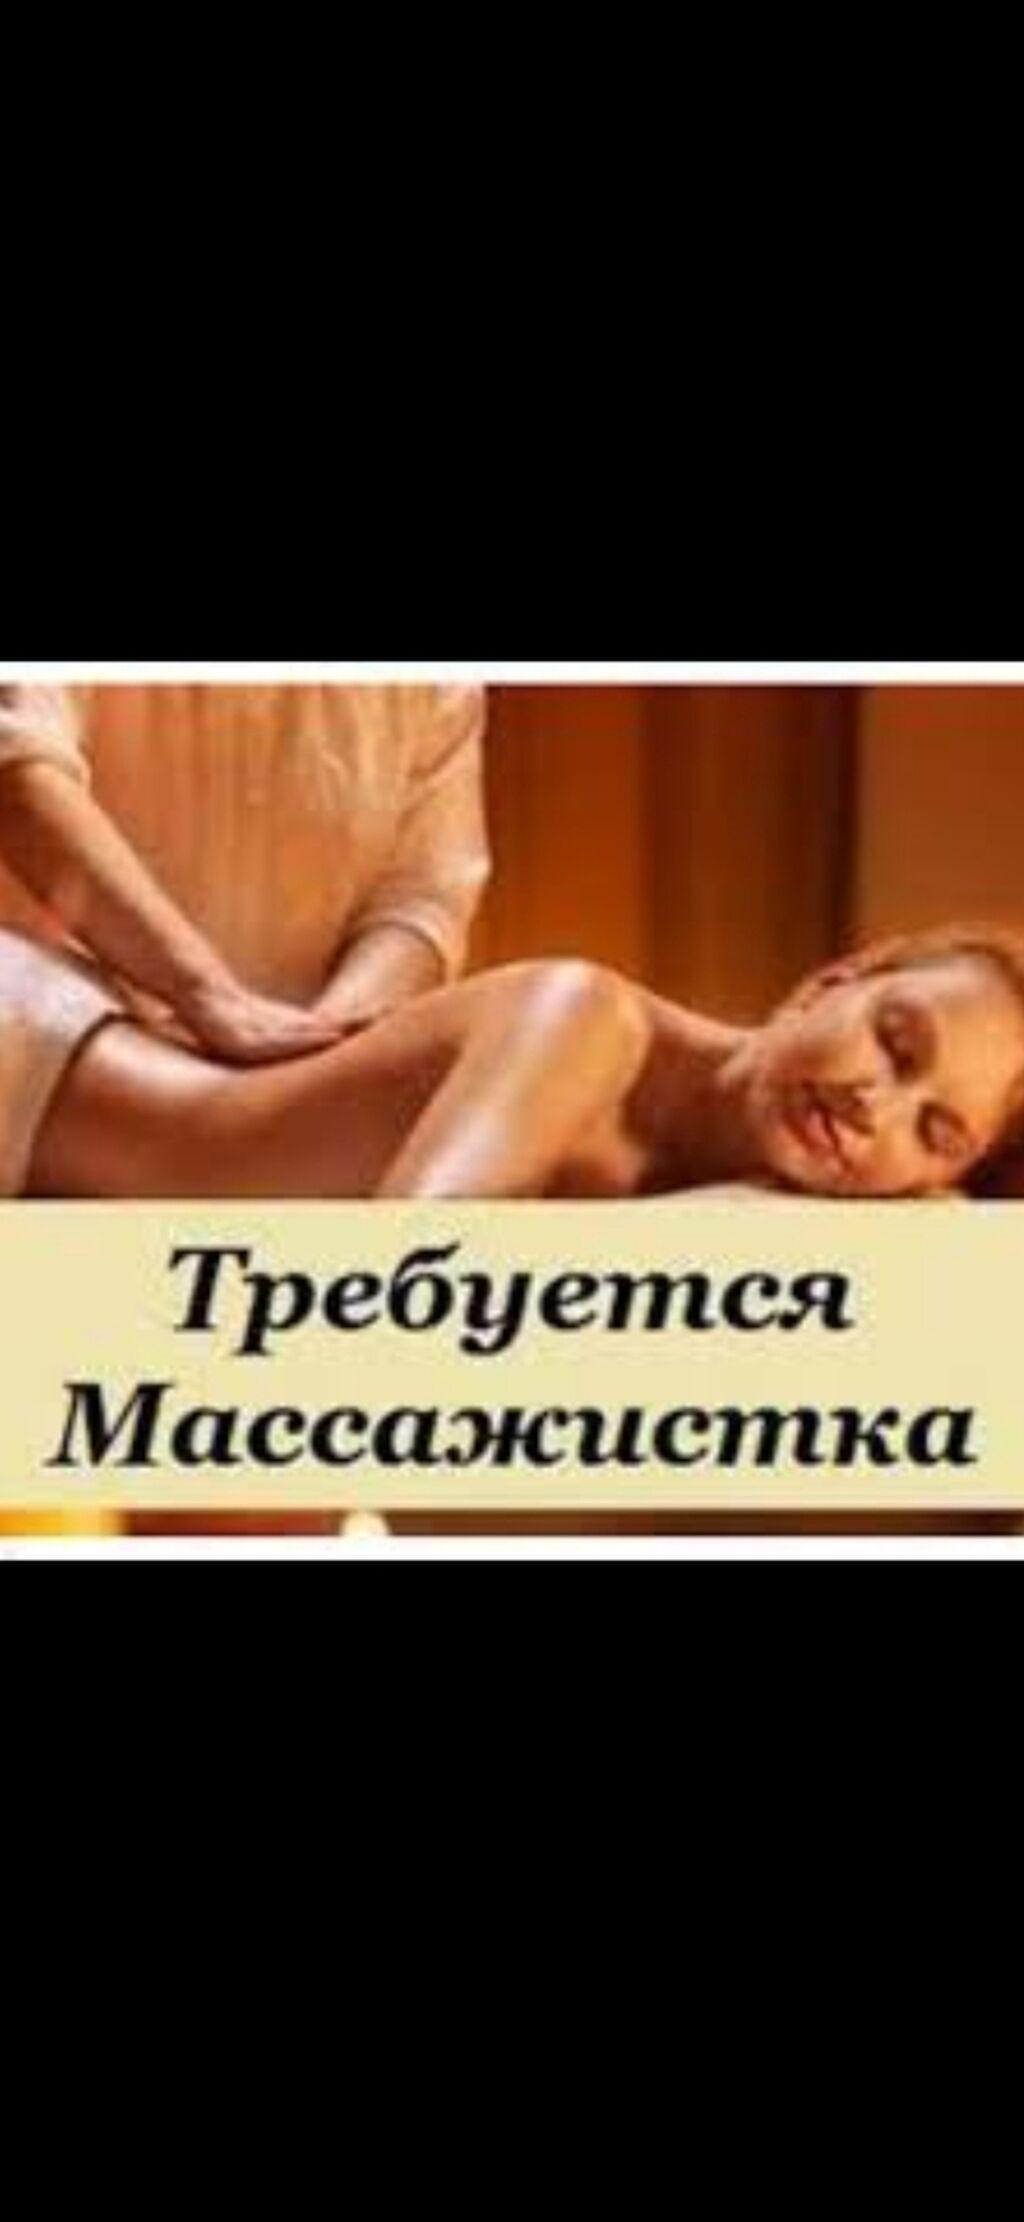 Работа девушке 20 лет без опыта работа девушке моделью приморско ахтарск